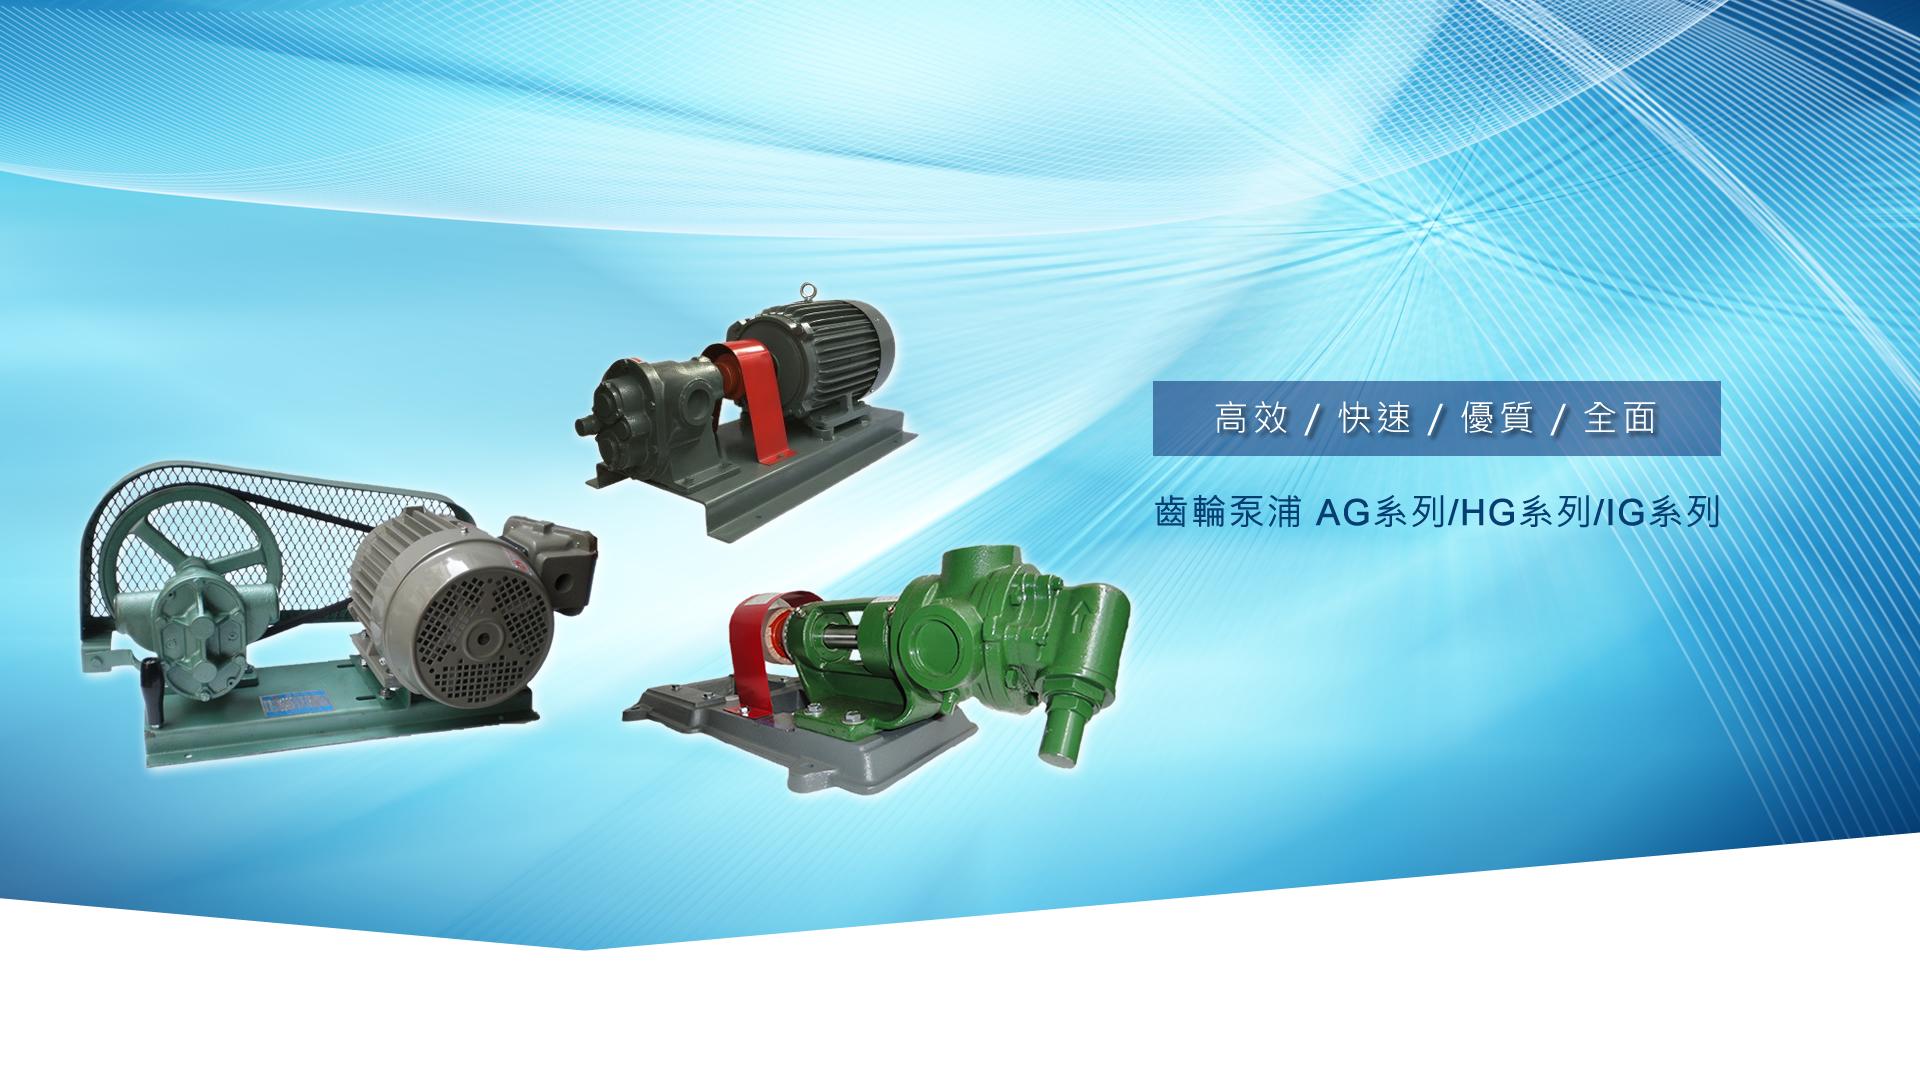 齒輪泵浦AG系列/HG系列/IG系列